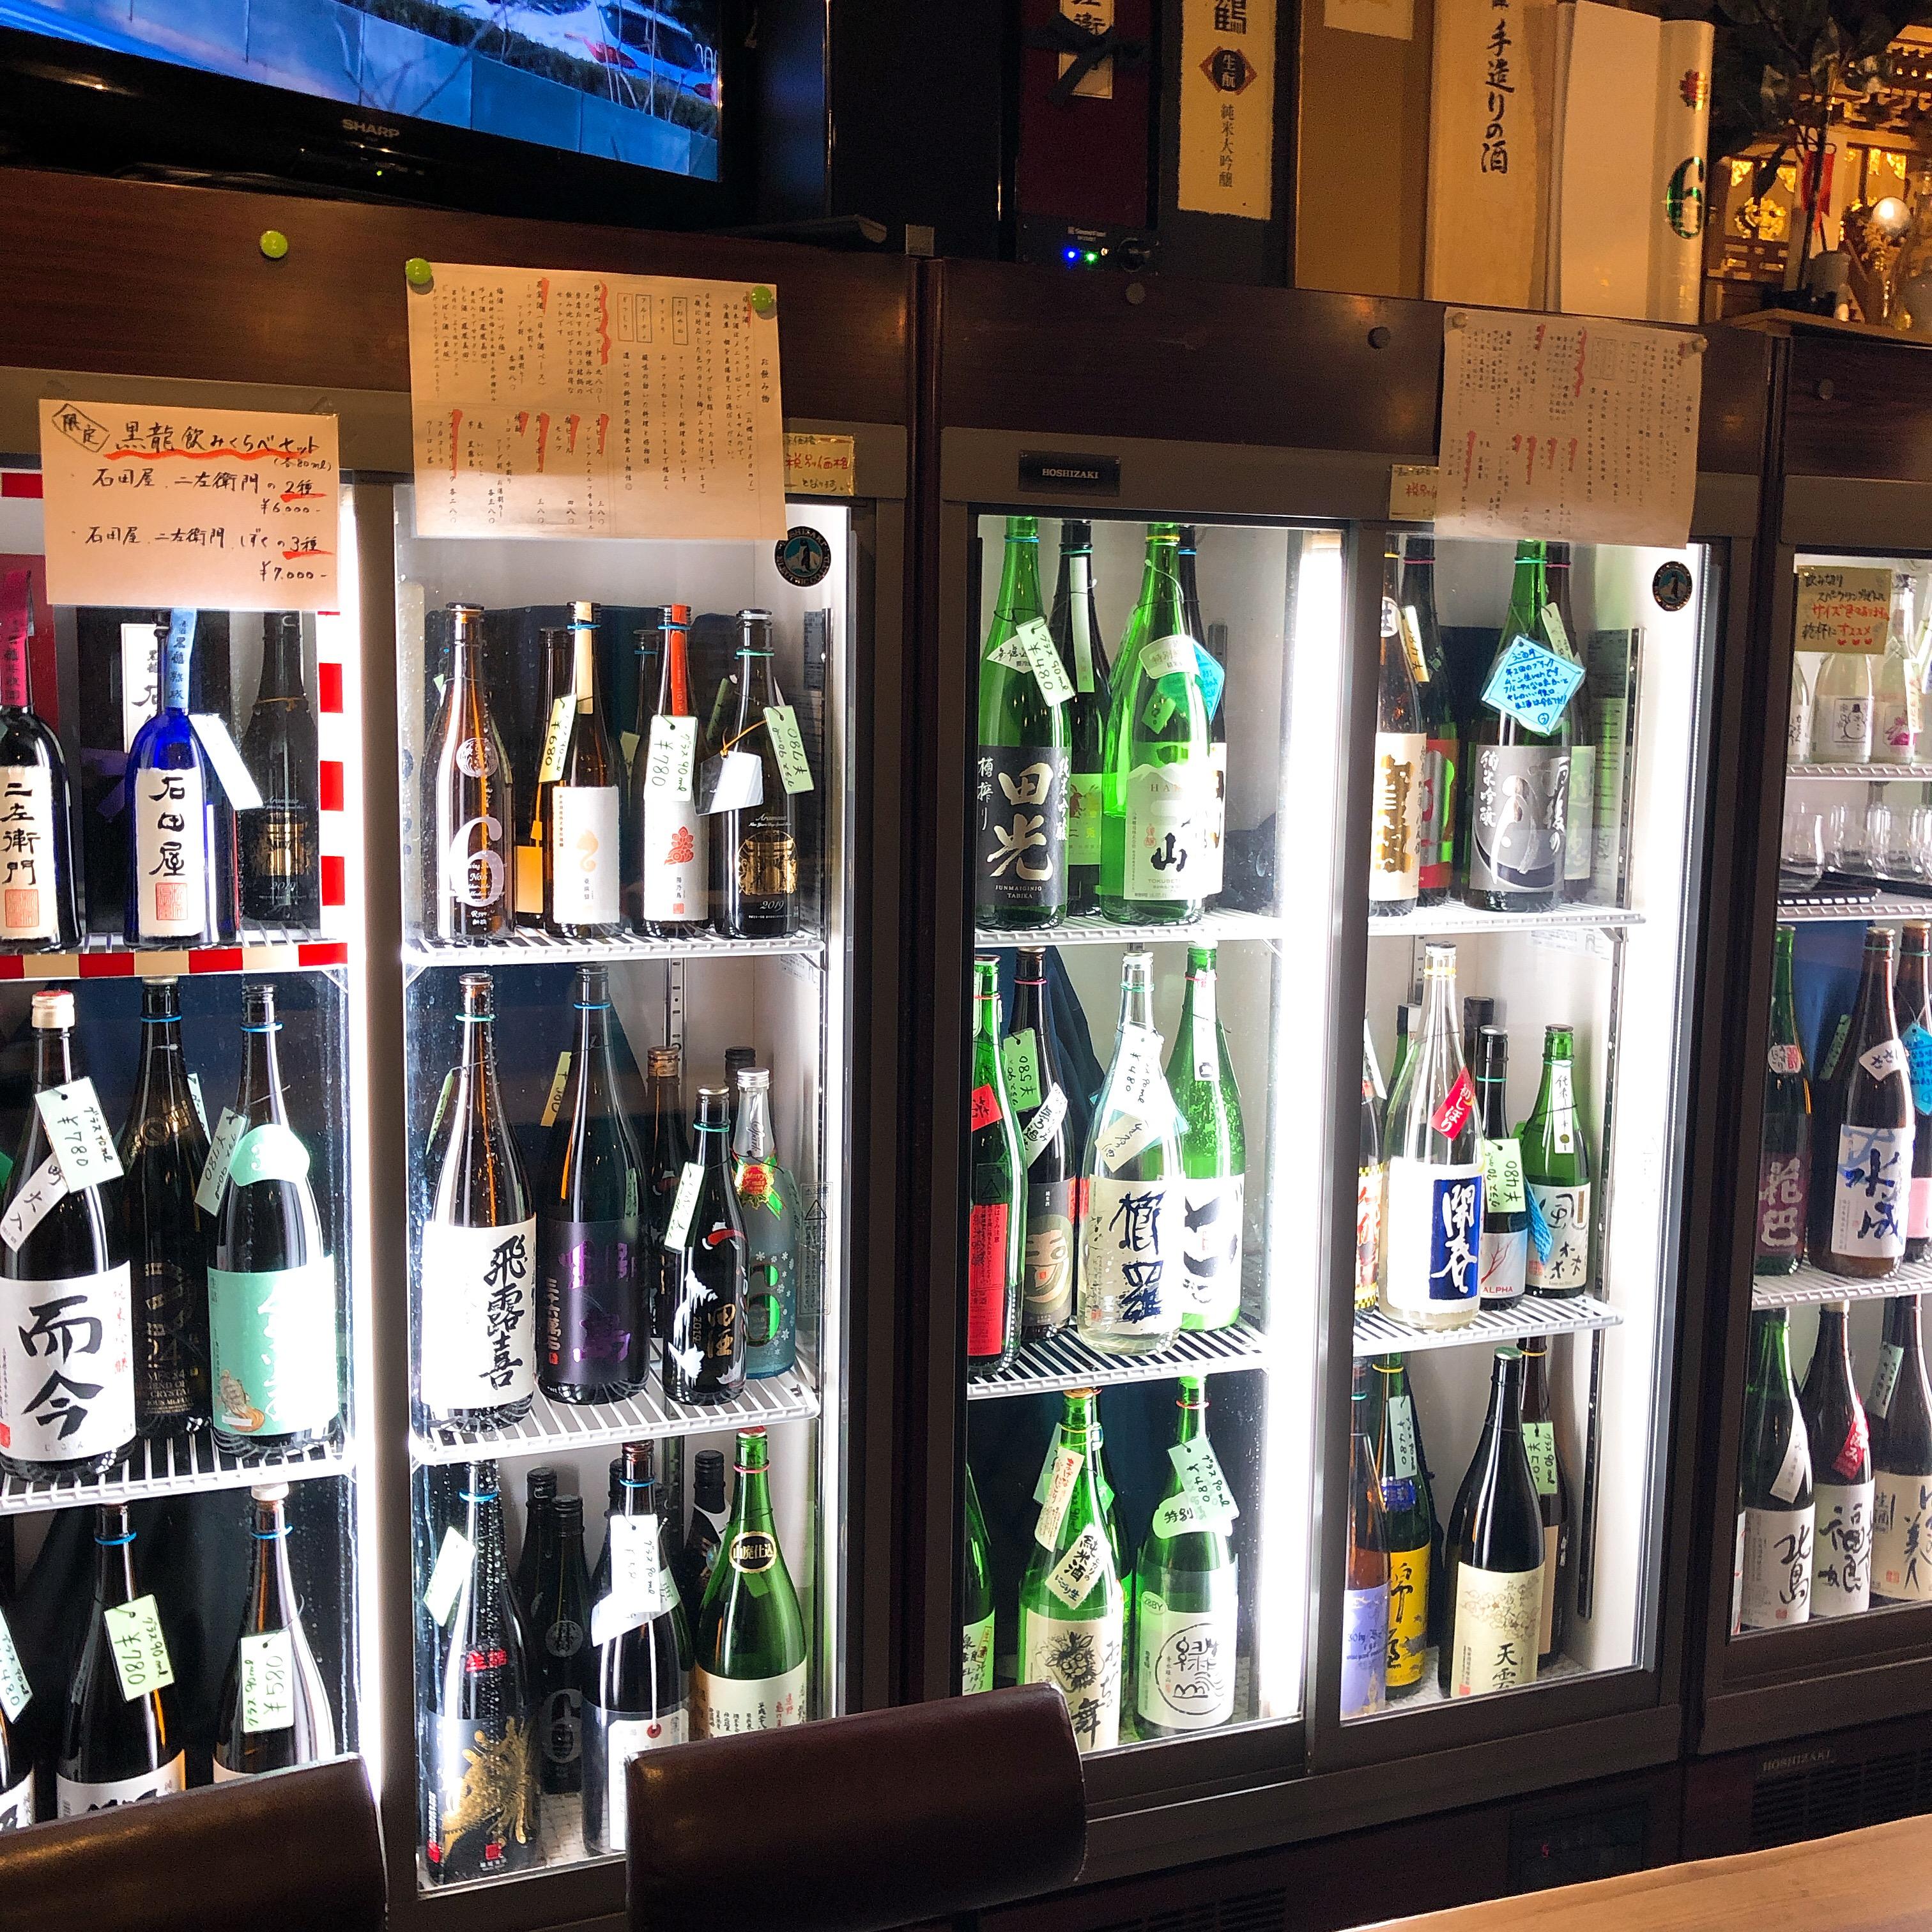 予算2000円 心斎橋徒歩2分で日本酒を気軽に呑める「うなぎだに」